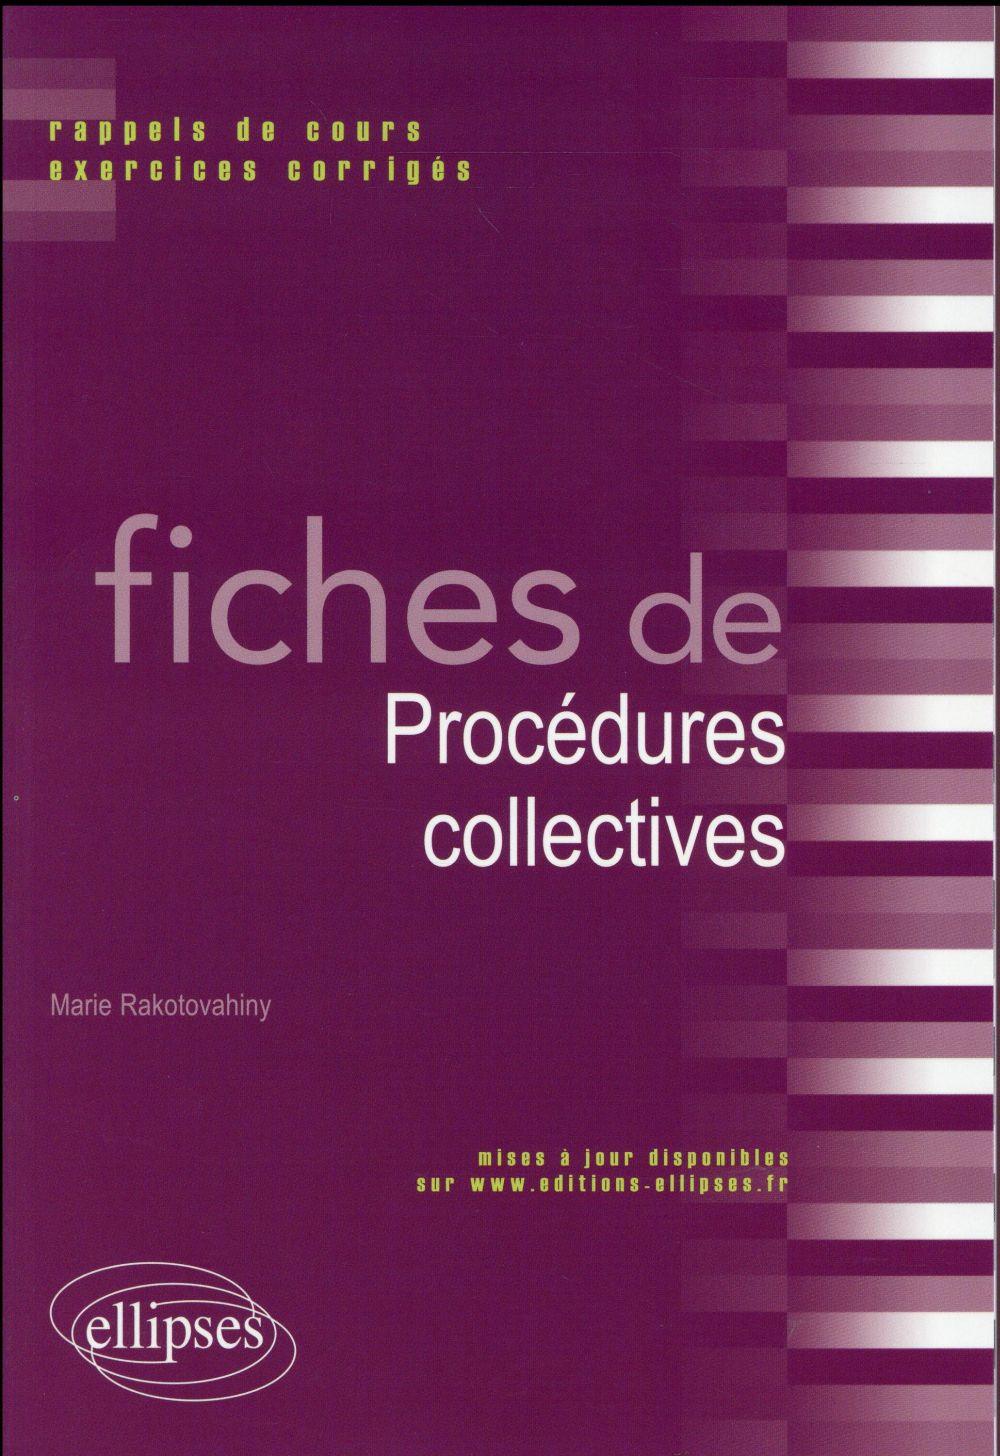 Fiches de procédures collectives